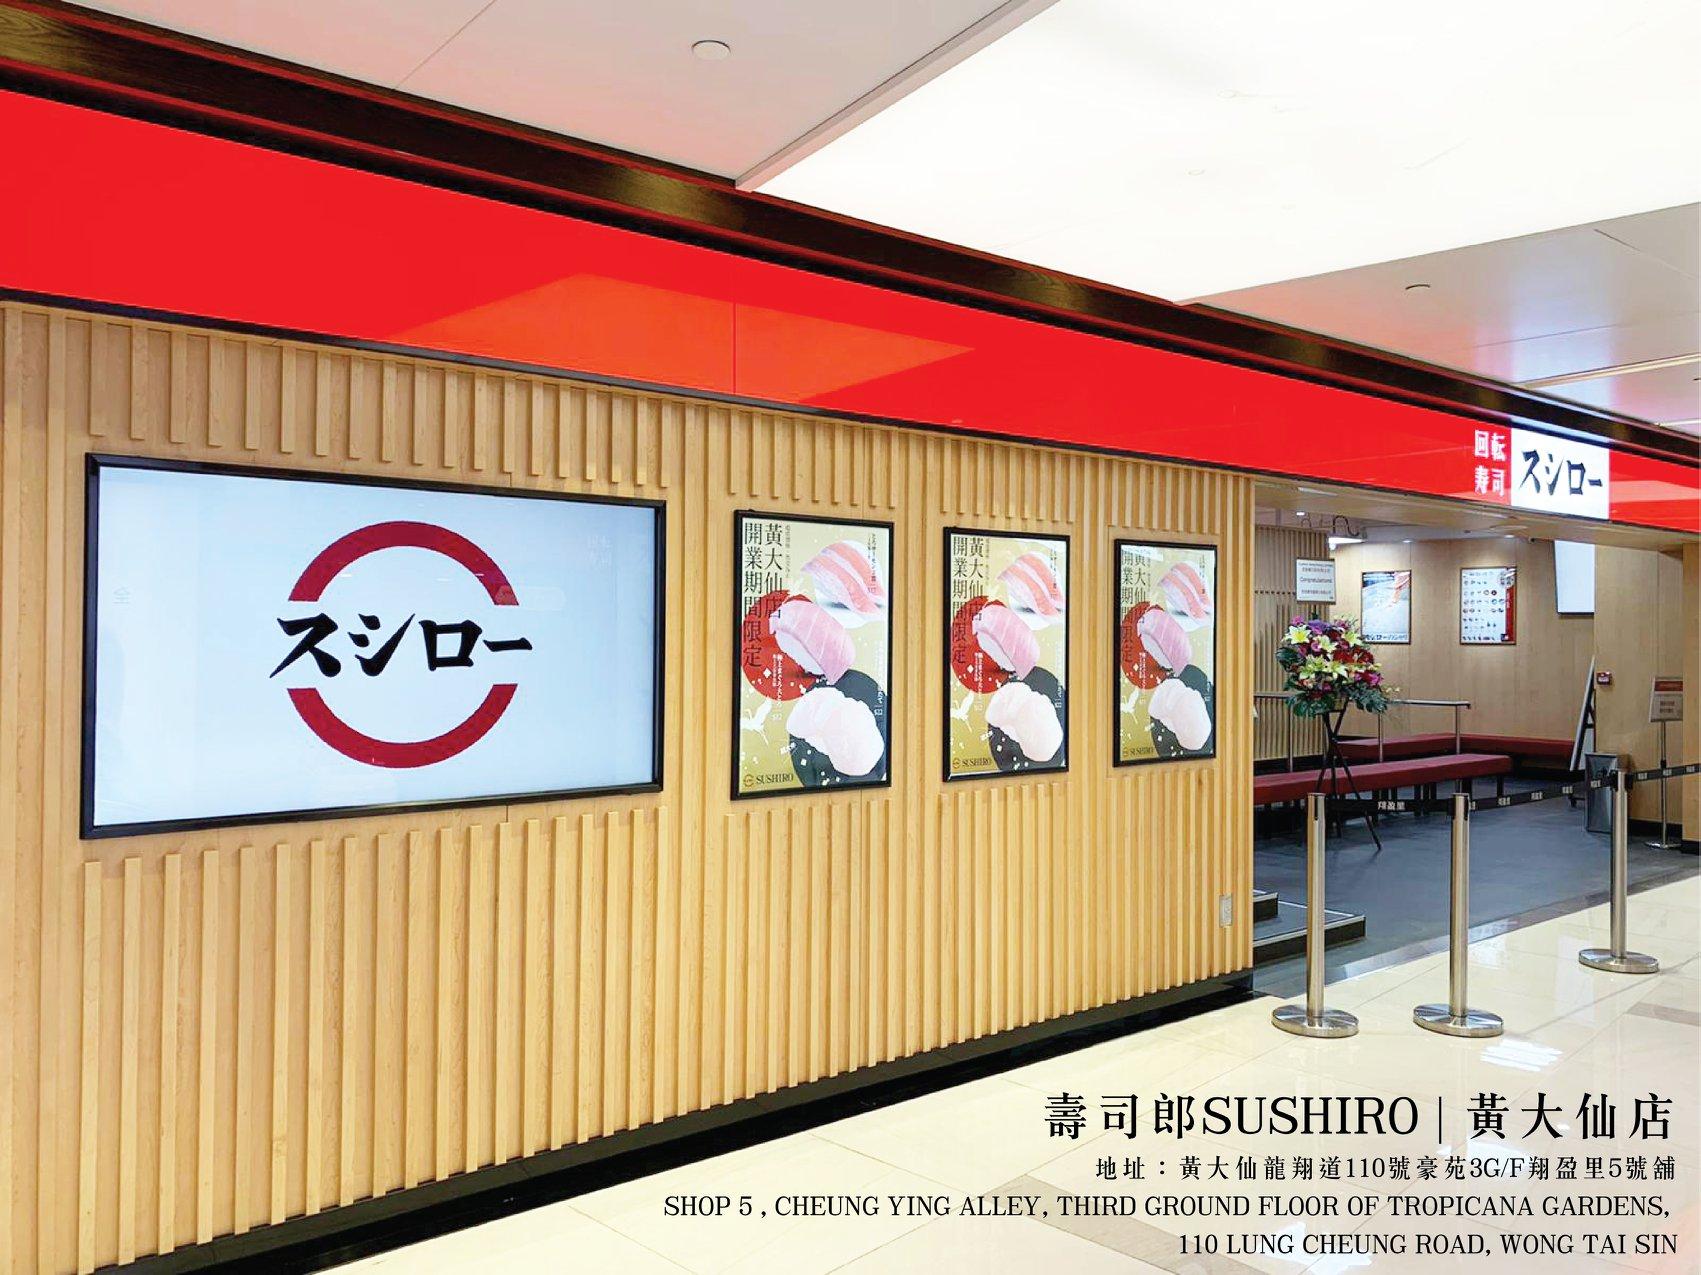 【又要排長龍】傳壽司郎5號店將進駐樂富廣場